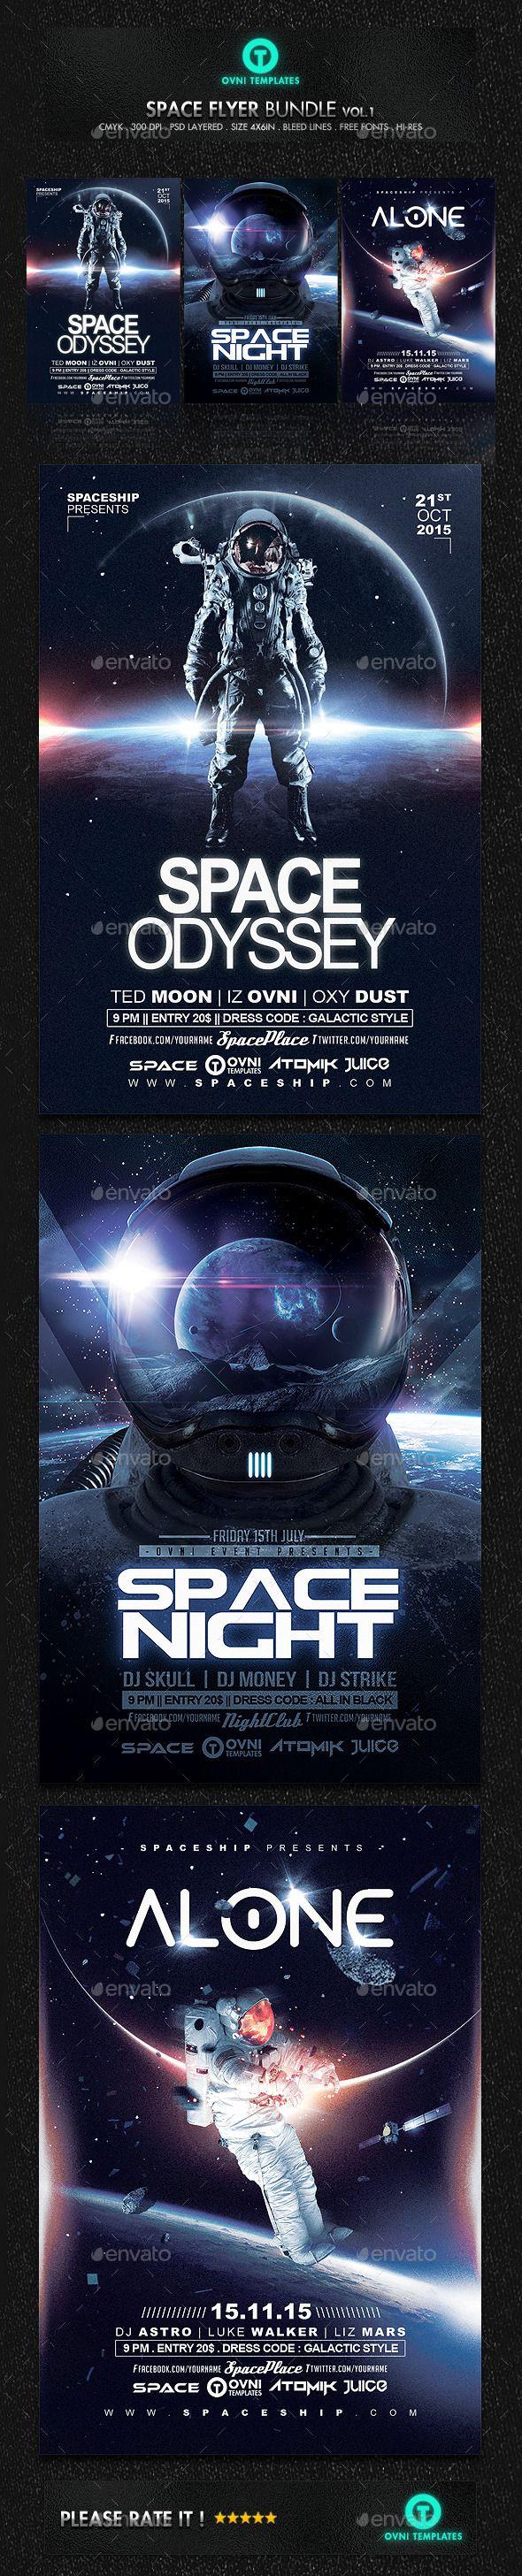 dj flyers space - Mersn.proforum.co